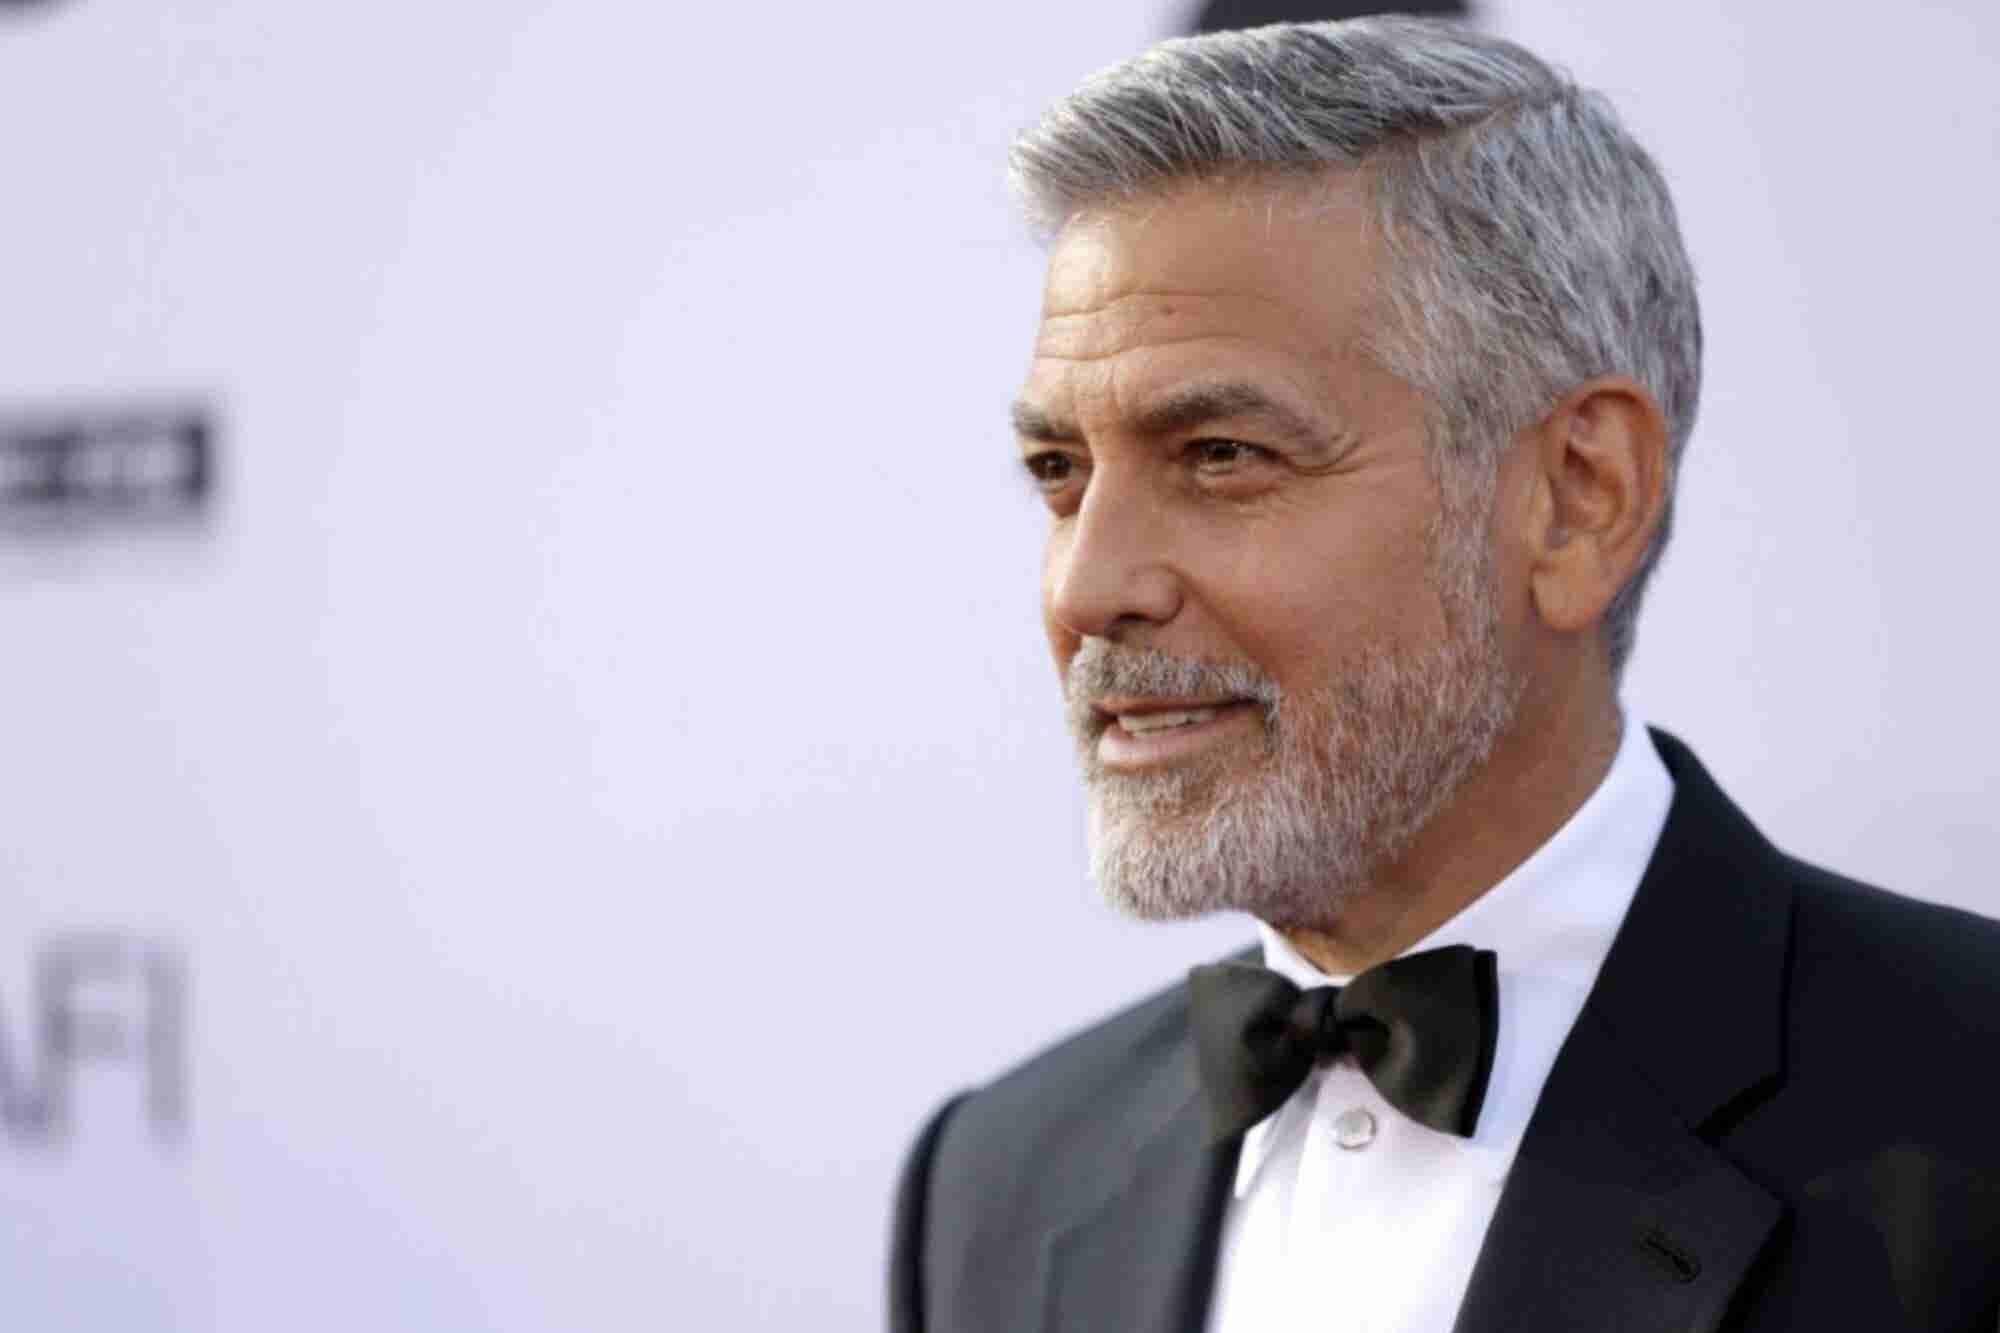 8 frases inspiradoras de George Clooney sobre liderazgo, fracaso y humildad